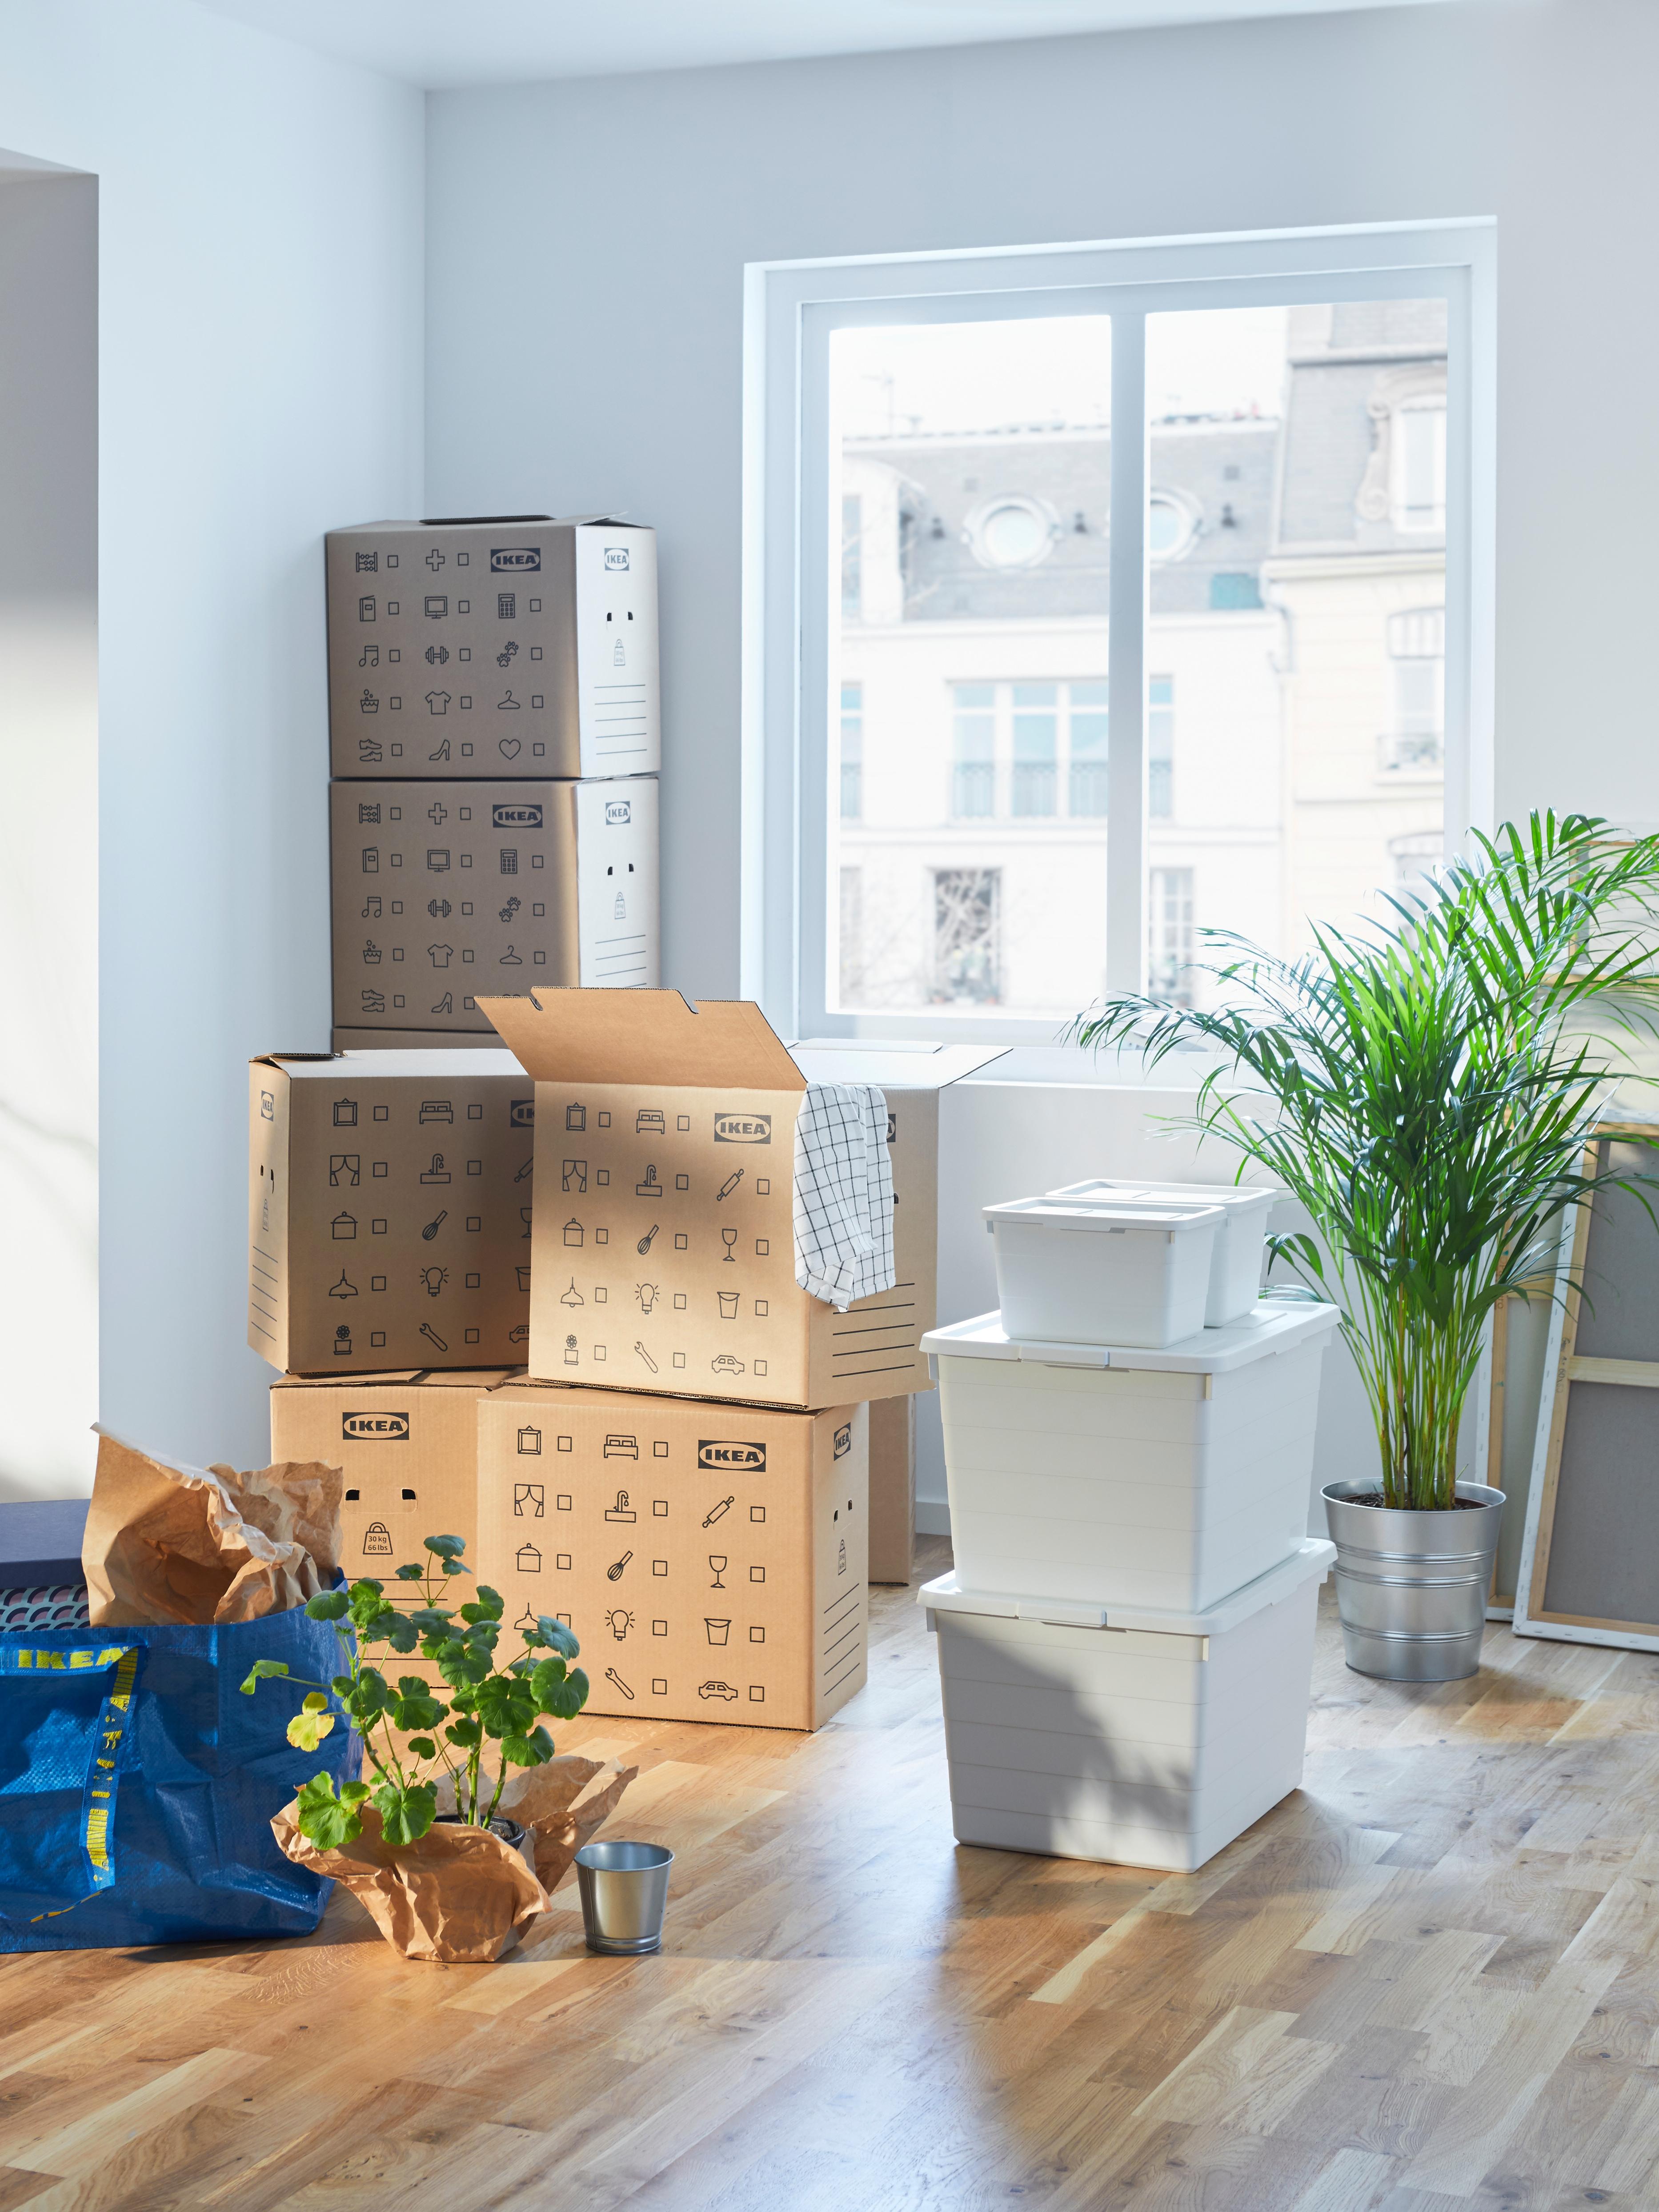 Pila di cartoni per trasloco DUNDERGUBBE nell'angolo di una stanza con finestra, insieme a contenitori SOCKERBIT, una borsa FRAKTA e piante.